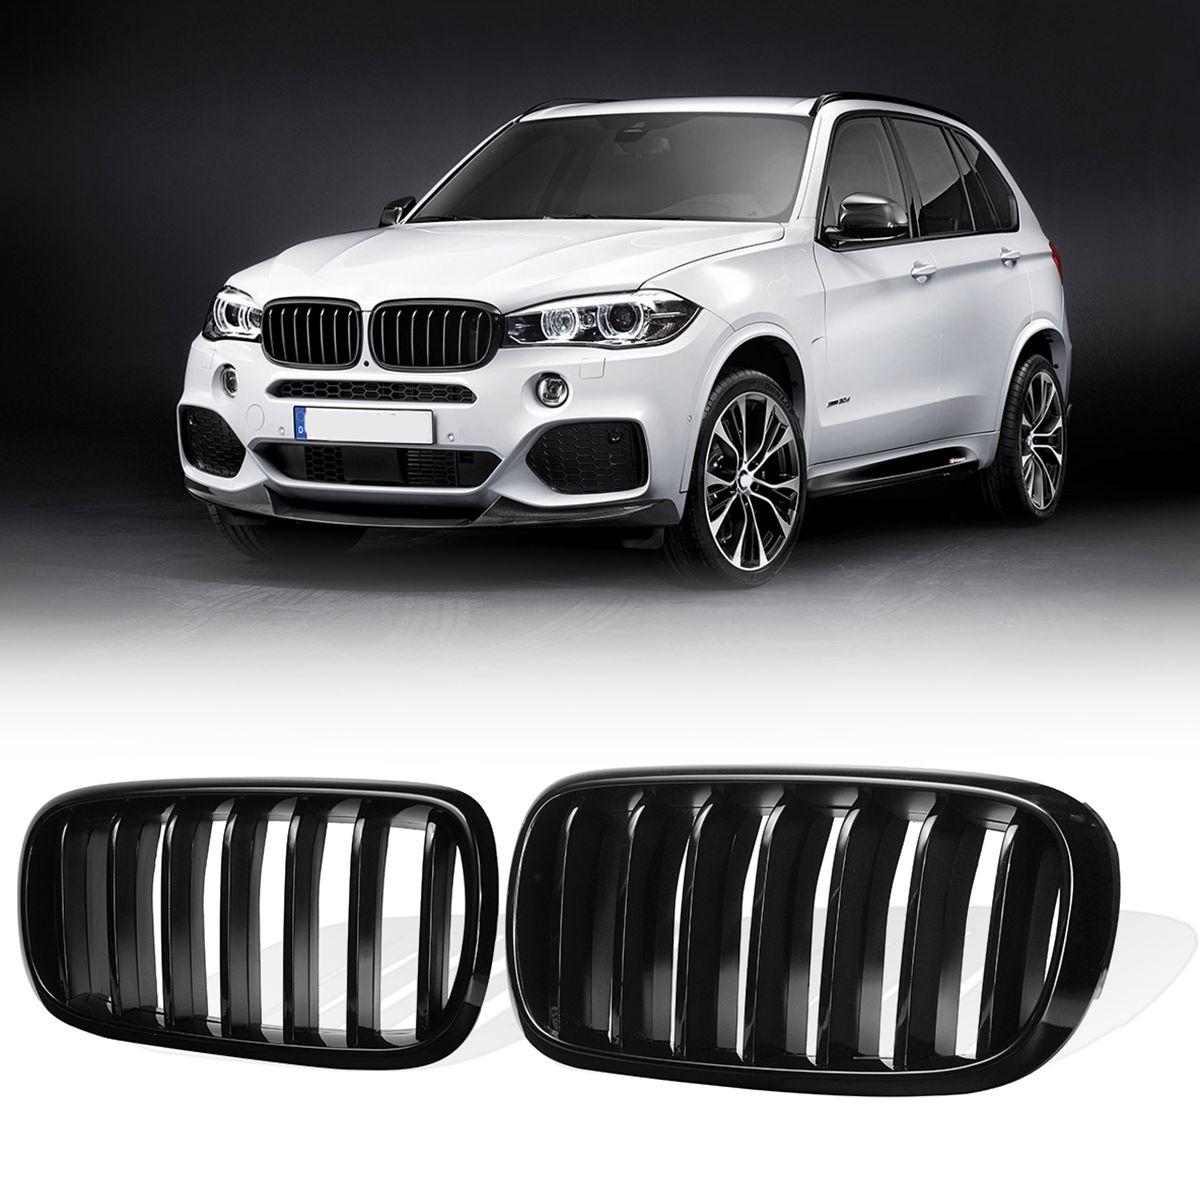 1 пара глянцевый черный матовый черный м Стиль спереди решетка радиатора для бампера гриль решетки BMW X5 F15 X6 F16 2014 2015 2016 2017 2018